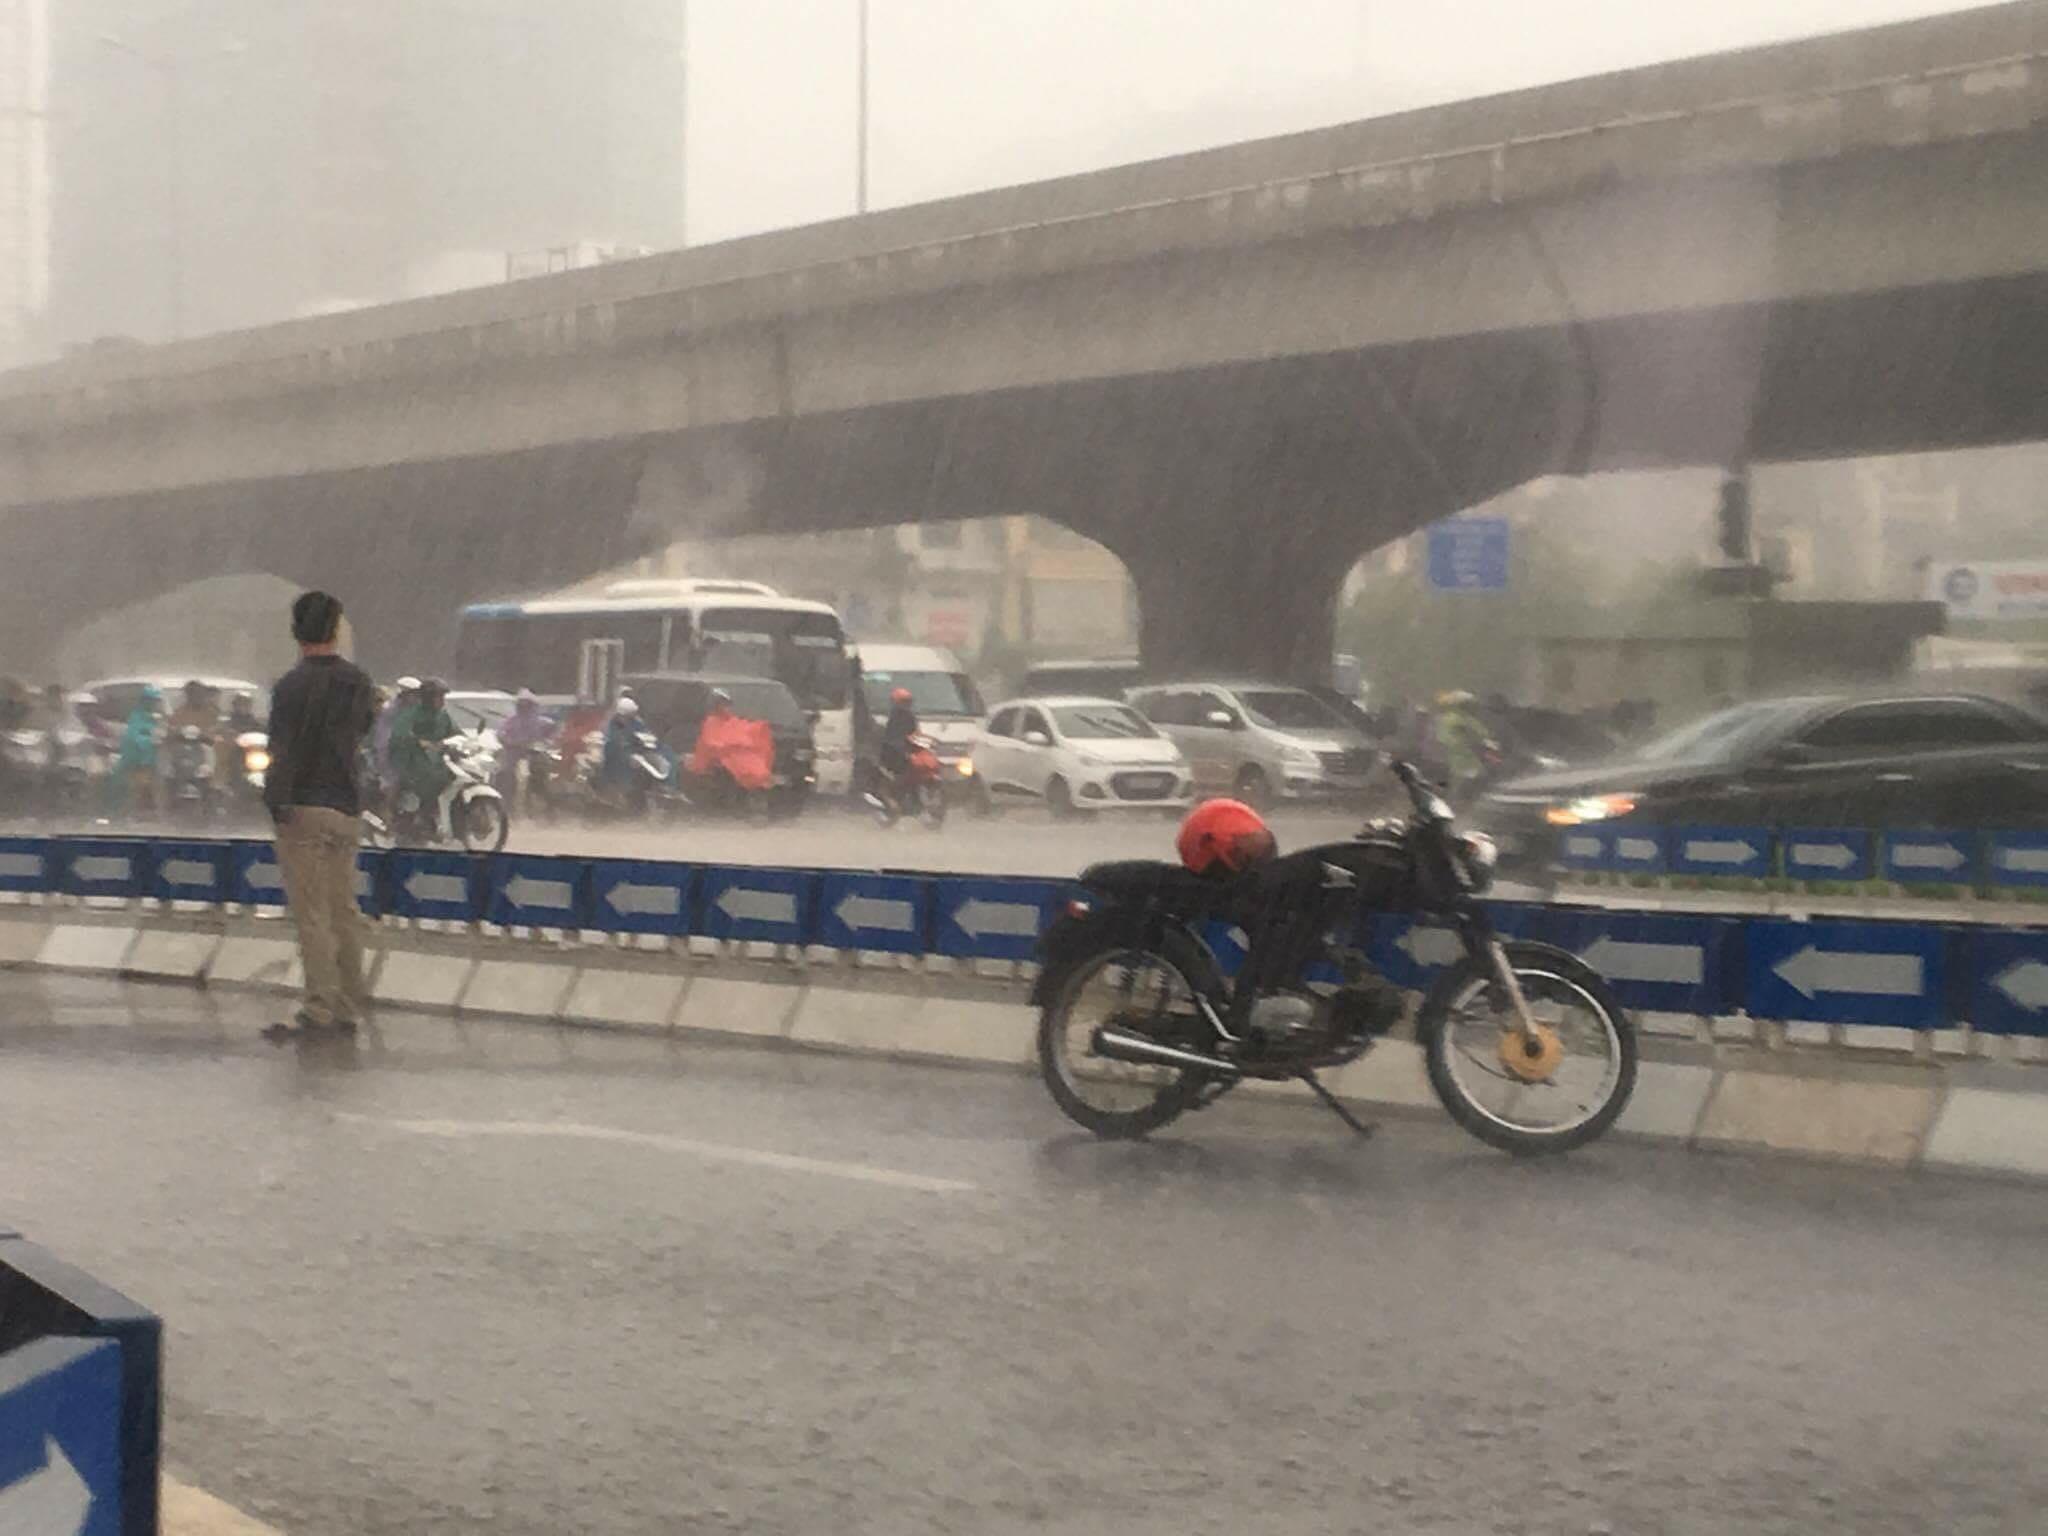 (2Sao) - Hình ảnh nam thanh niên đứng dưới trời mưa với tâm trạng khá u buồn đang được chia sẻ nhiều trên diễn đàn mạng.